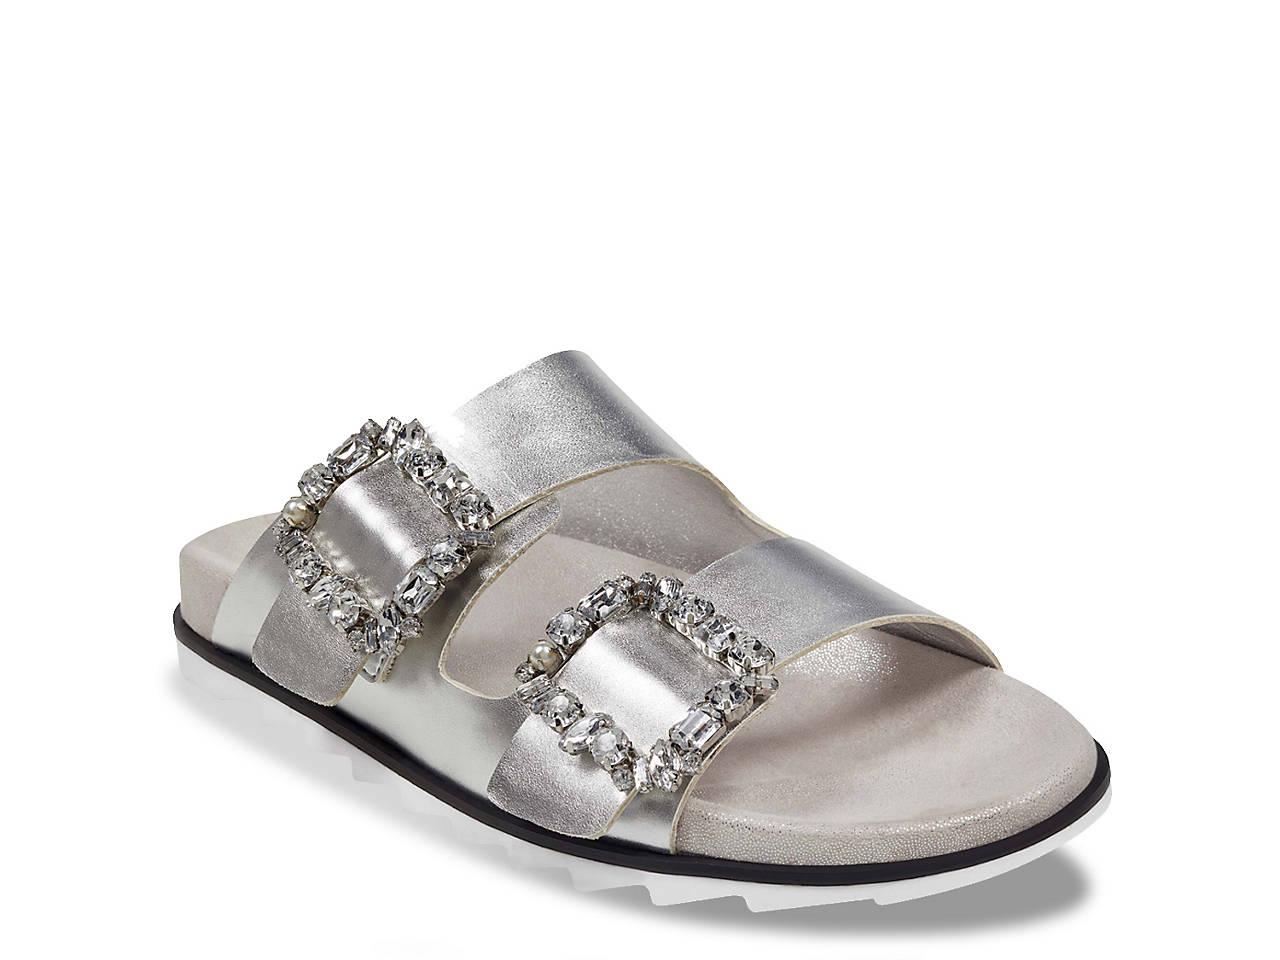 c6d42ed0a1c2 Unisa Naomy Slide Sandal Women s Shoes